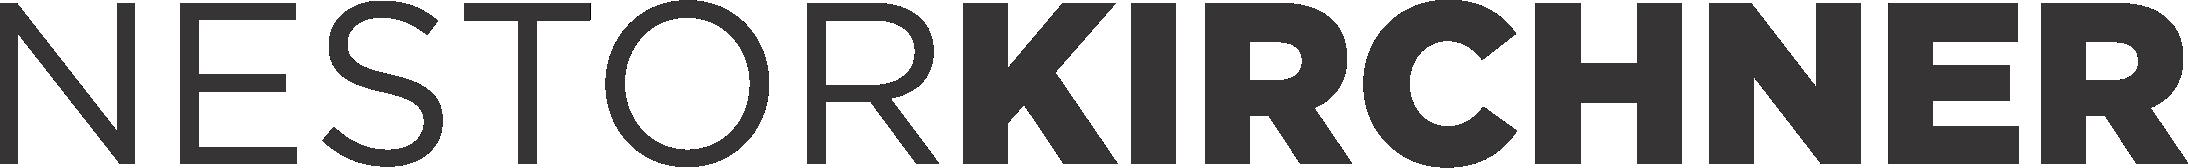 logo Néstor Kirchner